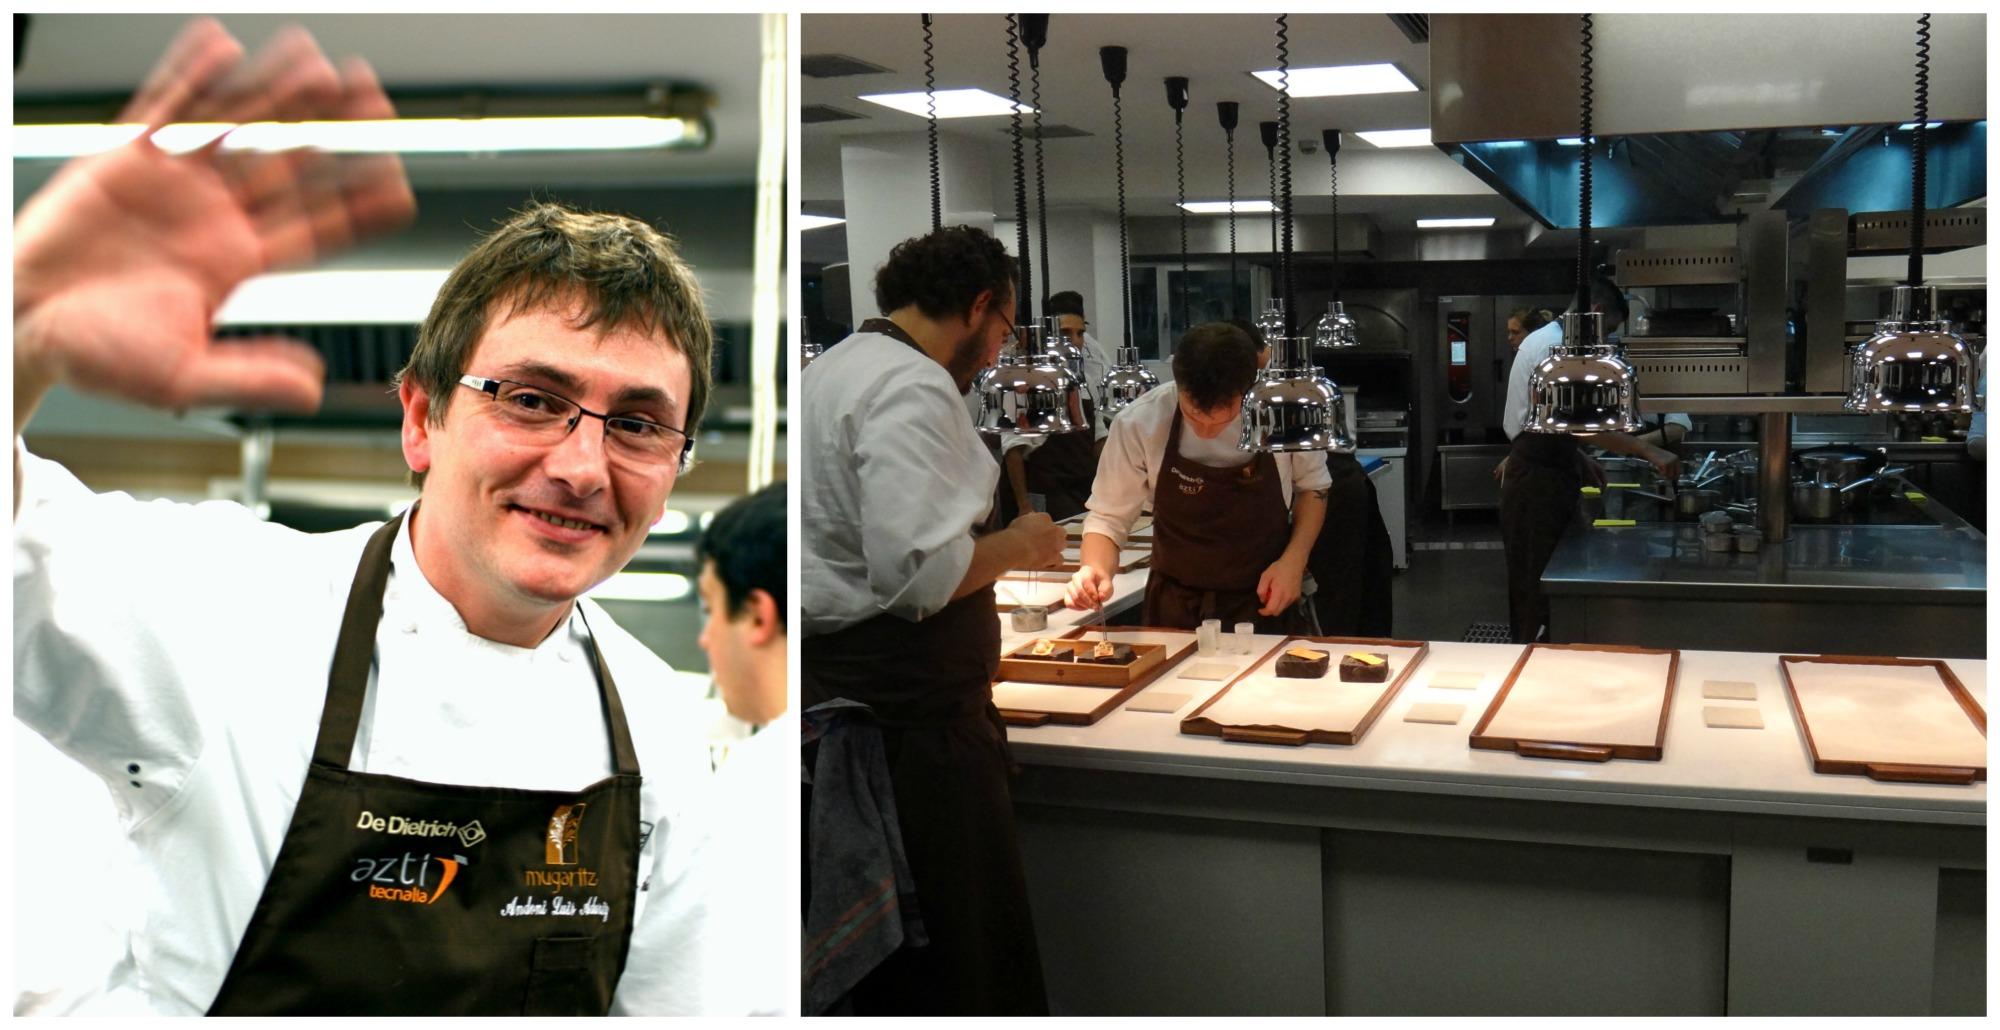 Andonio Louis Aduriz (z lewej), szef kuchni restauracji Mugaritz w San Sebastian, to jeden z bardziej utytułowanych kontynuatorów nowoczesnej kuchni baskijskiej (fot. Kok Chih & Sarah Gan / Flickr.com / CC BY-NC 2.0 / ADC618 / Flickr.com / CC BY-NC 2.0)